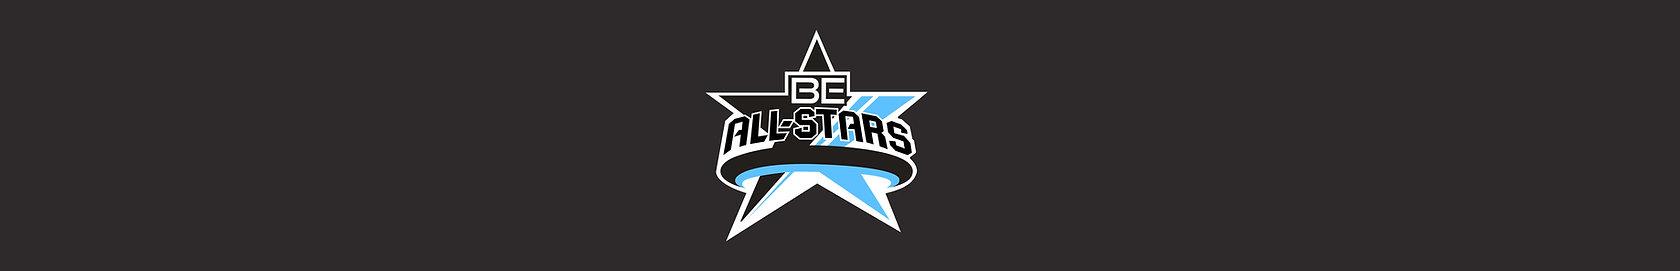 BE BASIC BANNER ALL STAR.jpg